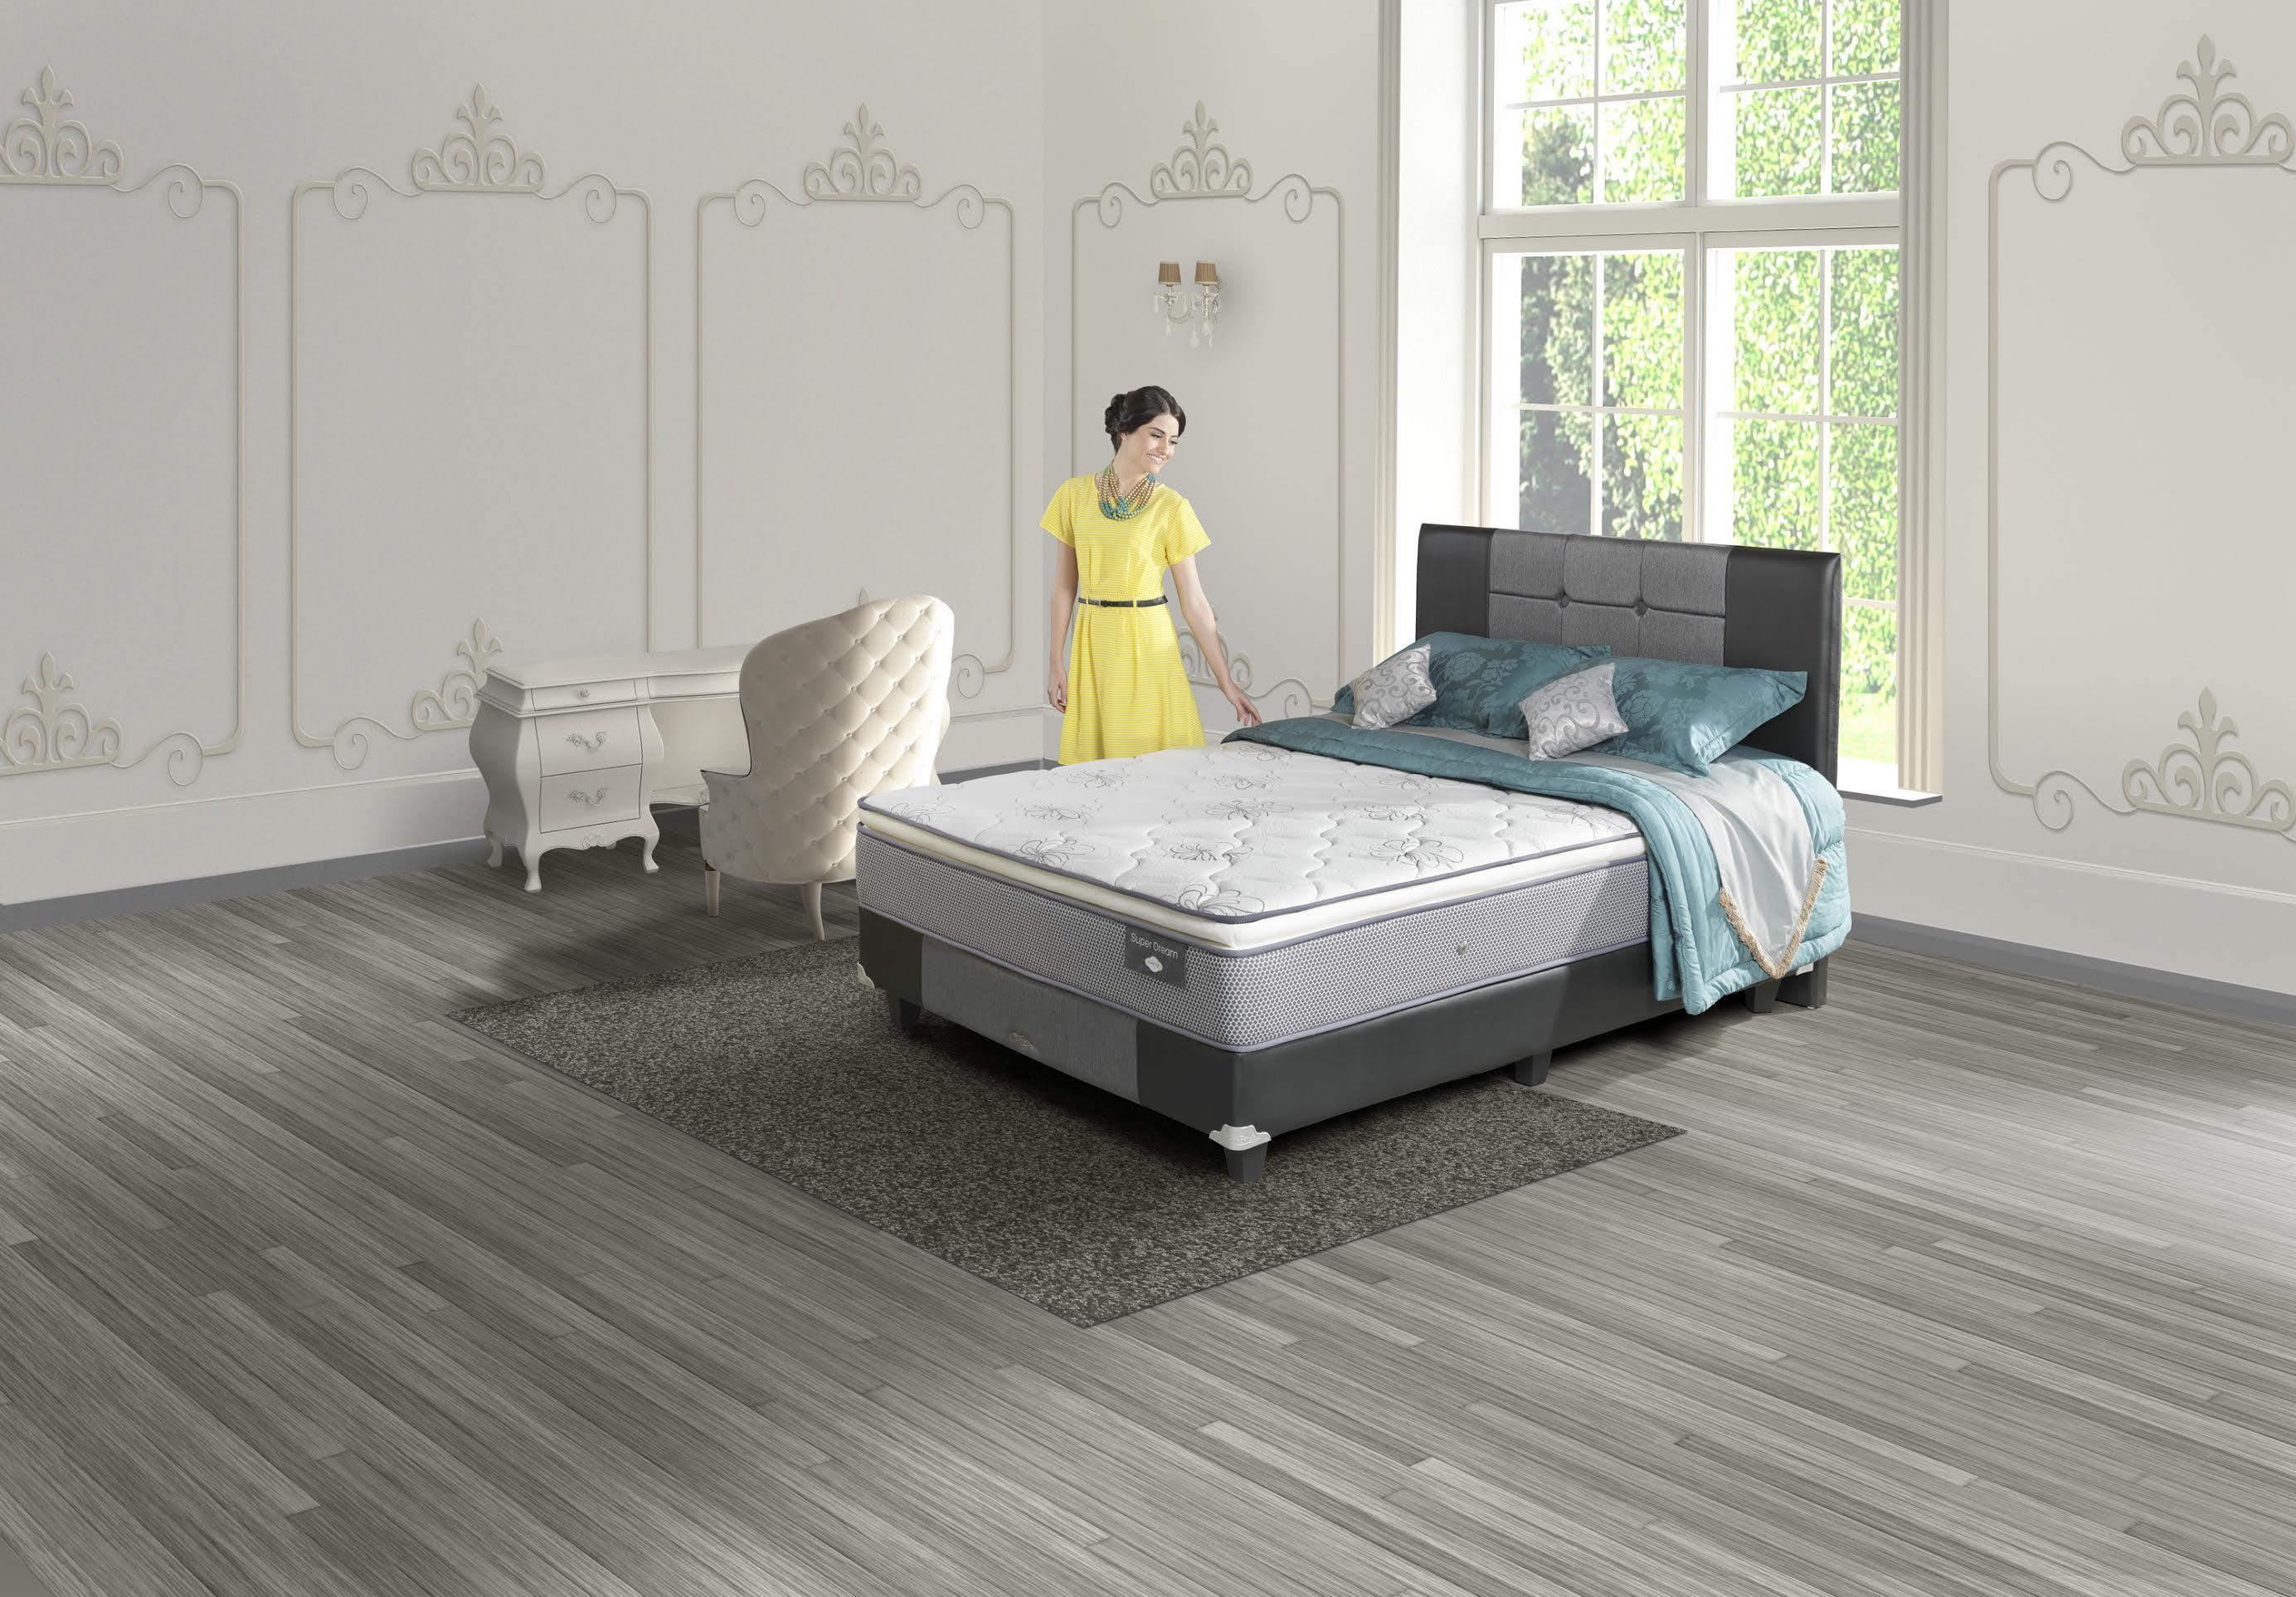 Jual Spring Bed Comforta Super Dream Harga Murah Surabaya